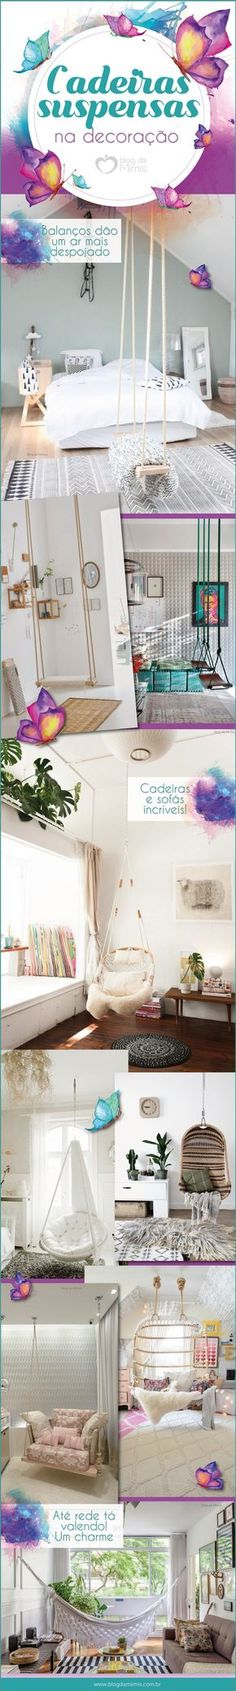 Cadeiras suspensas na decoração - Blog da Mimis #decor #decoração #cadeira #balanço #homedecor #home